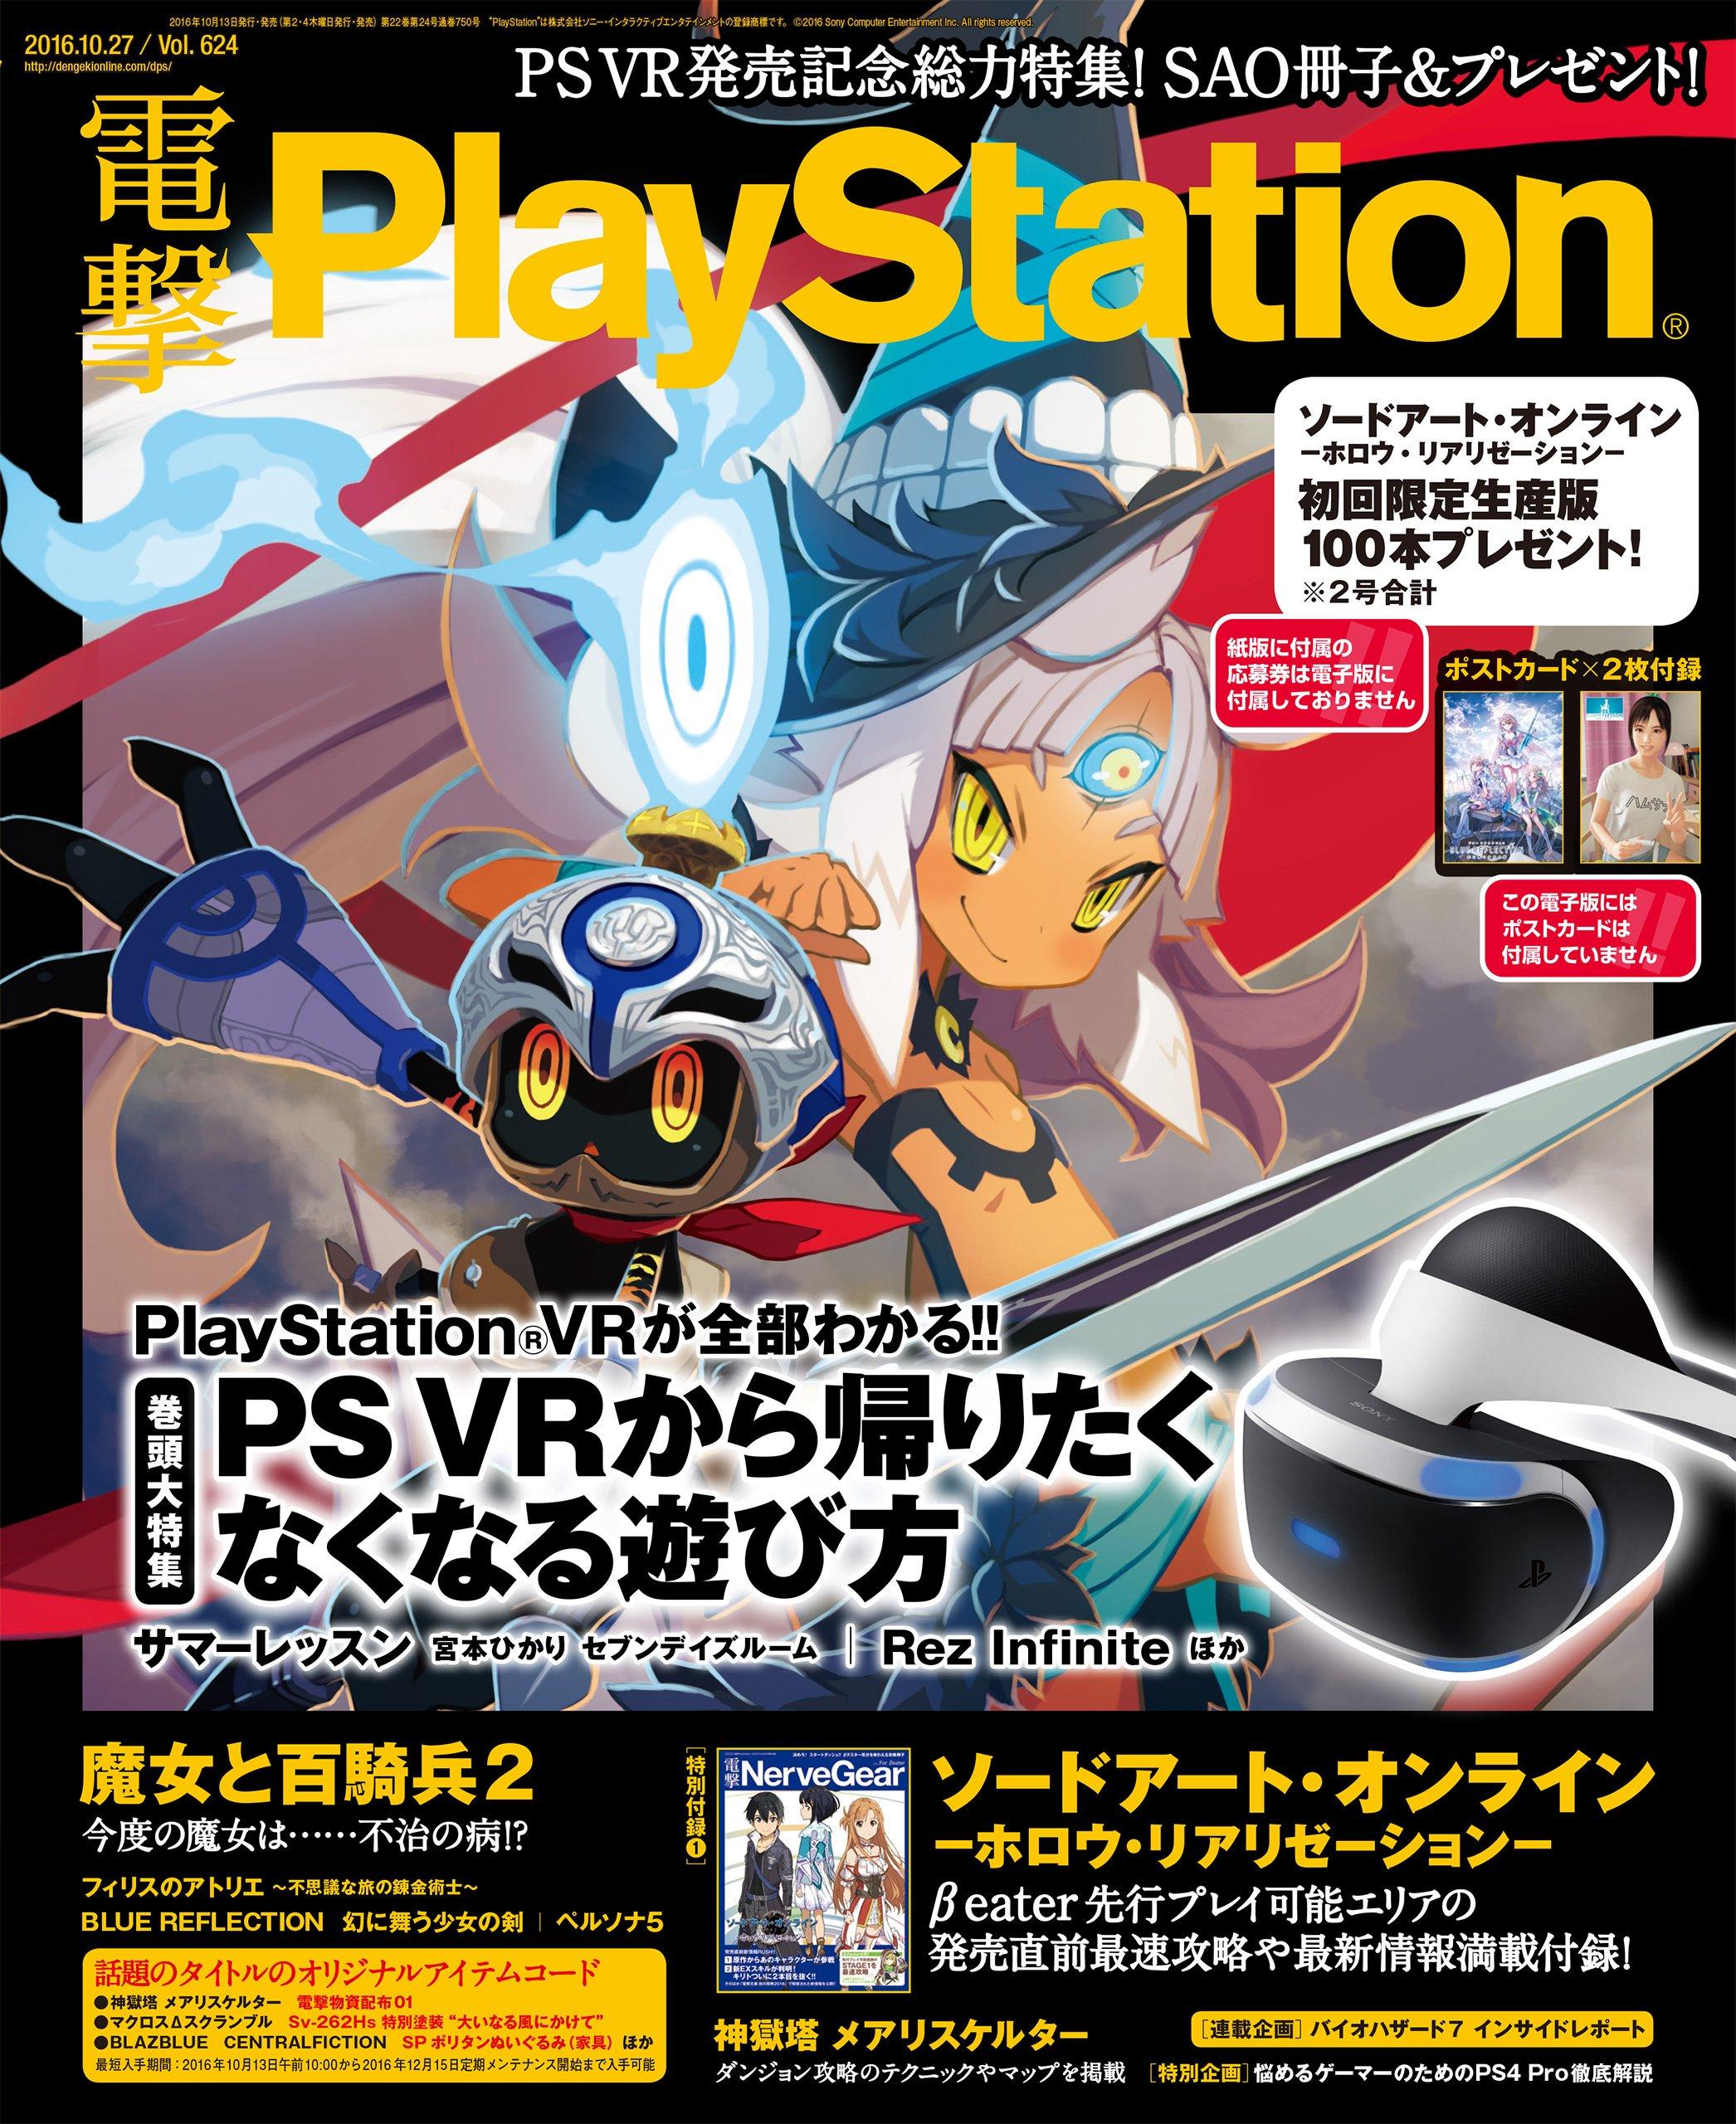 Dengeki PlayStation 624 (October 27, 2016)